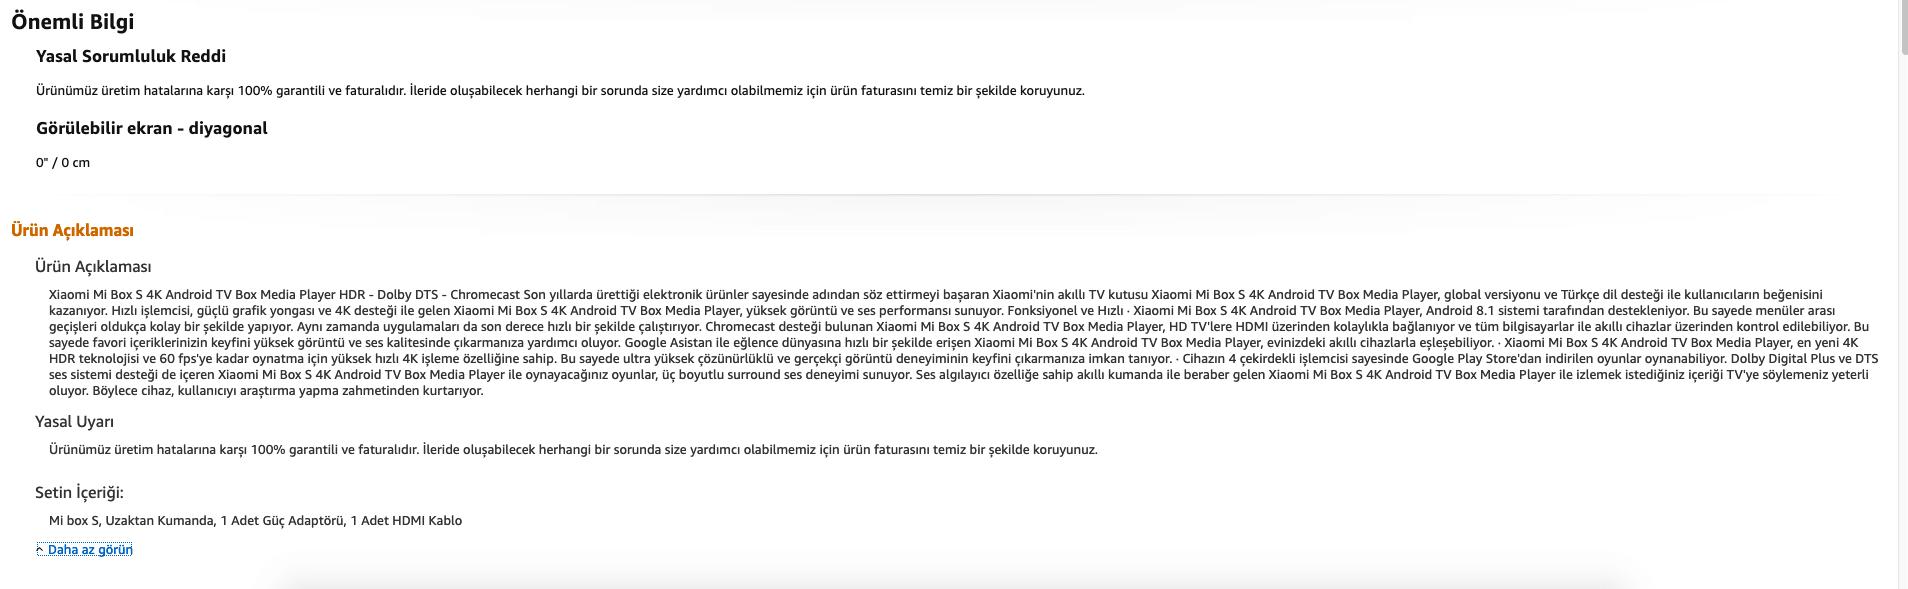 Amazon ürün açıklaması örneği